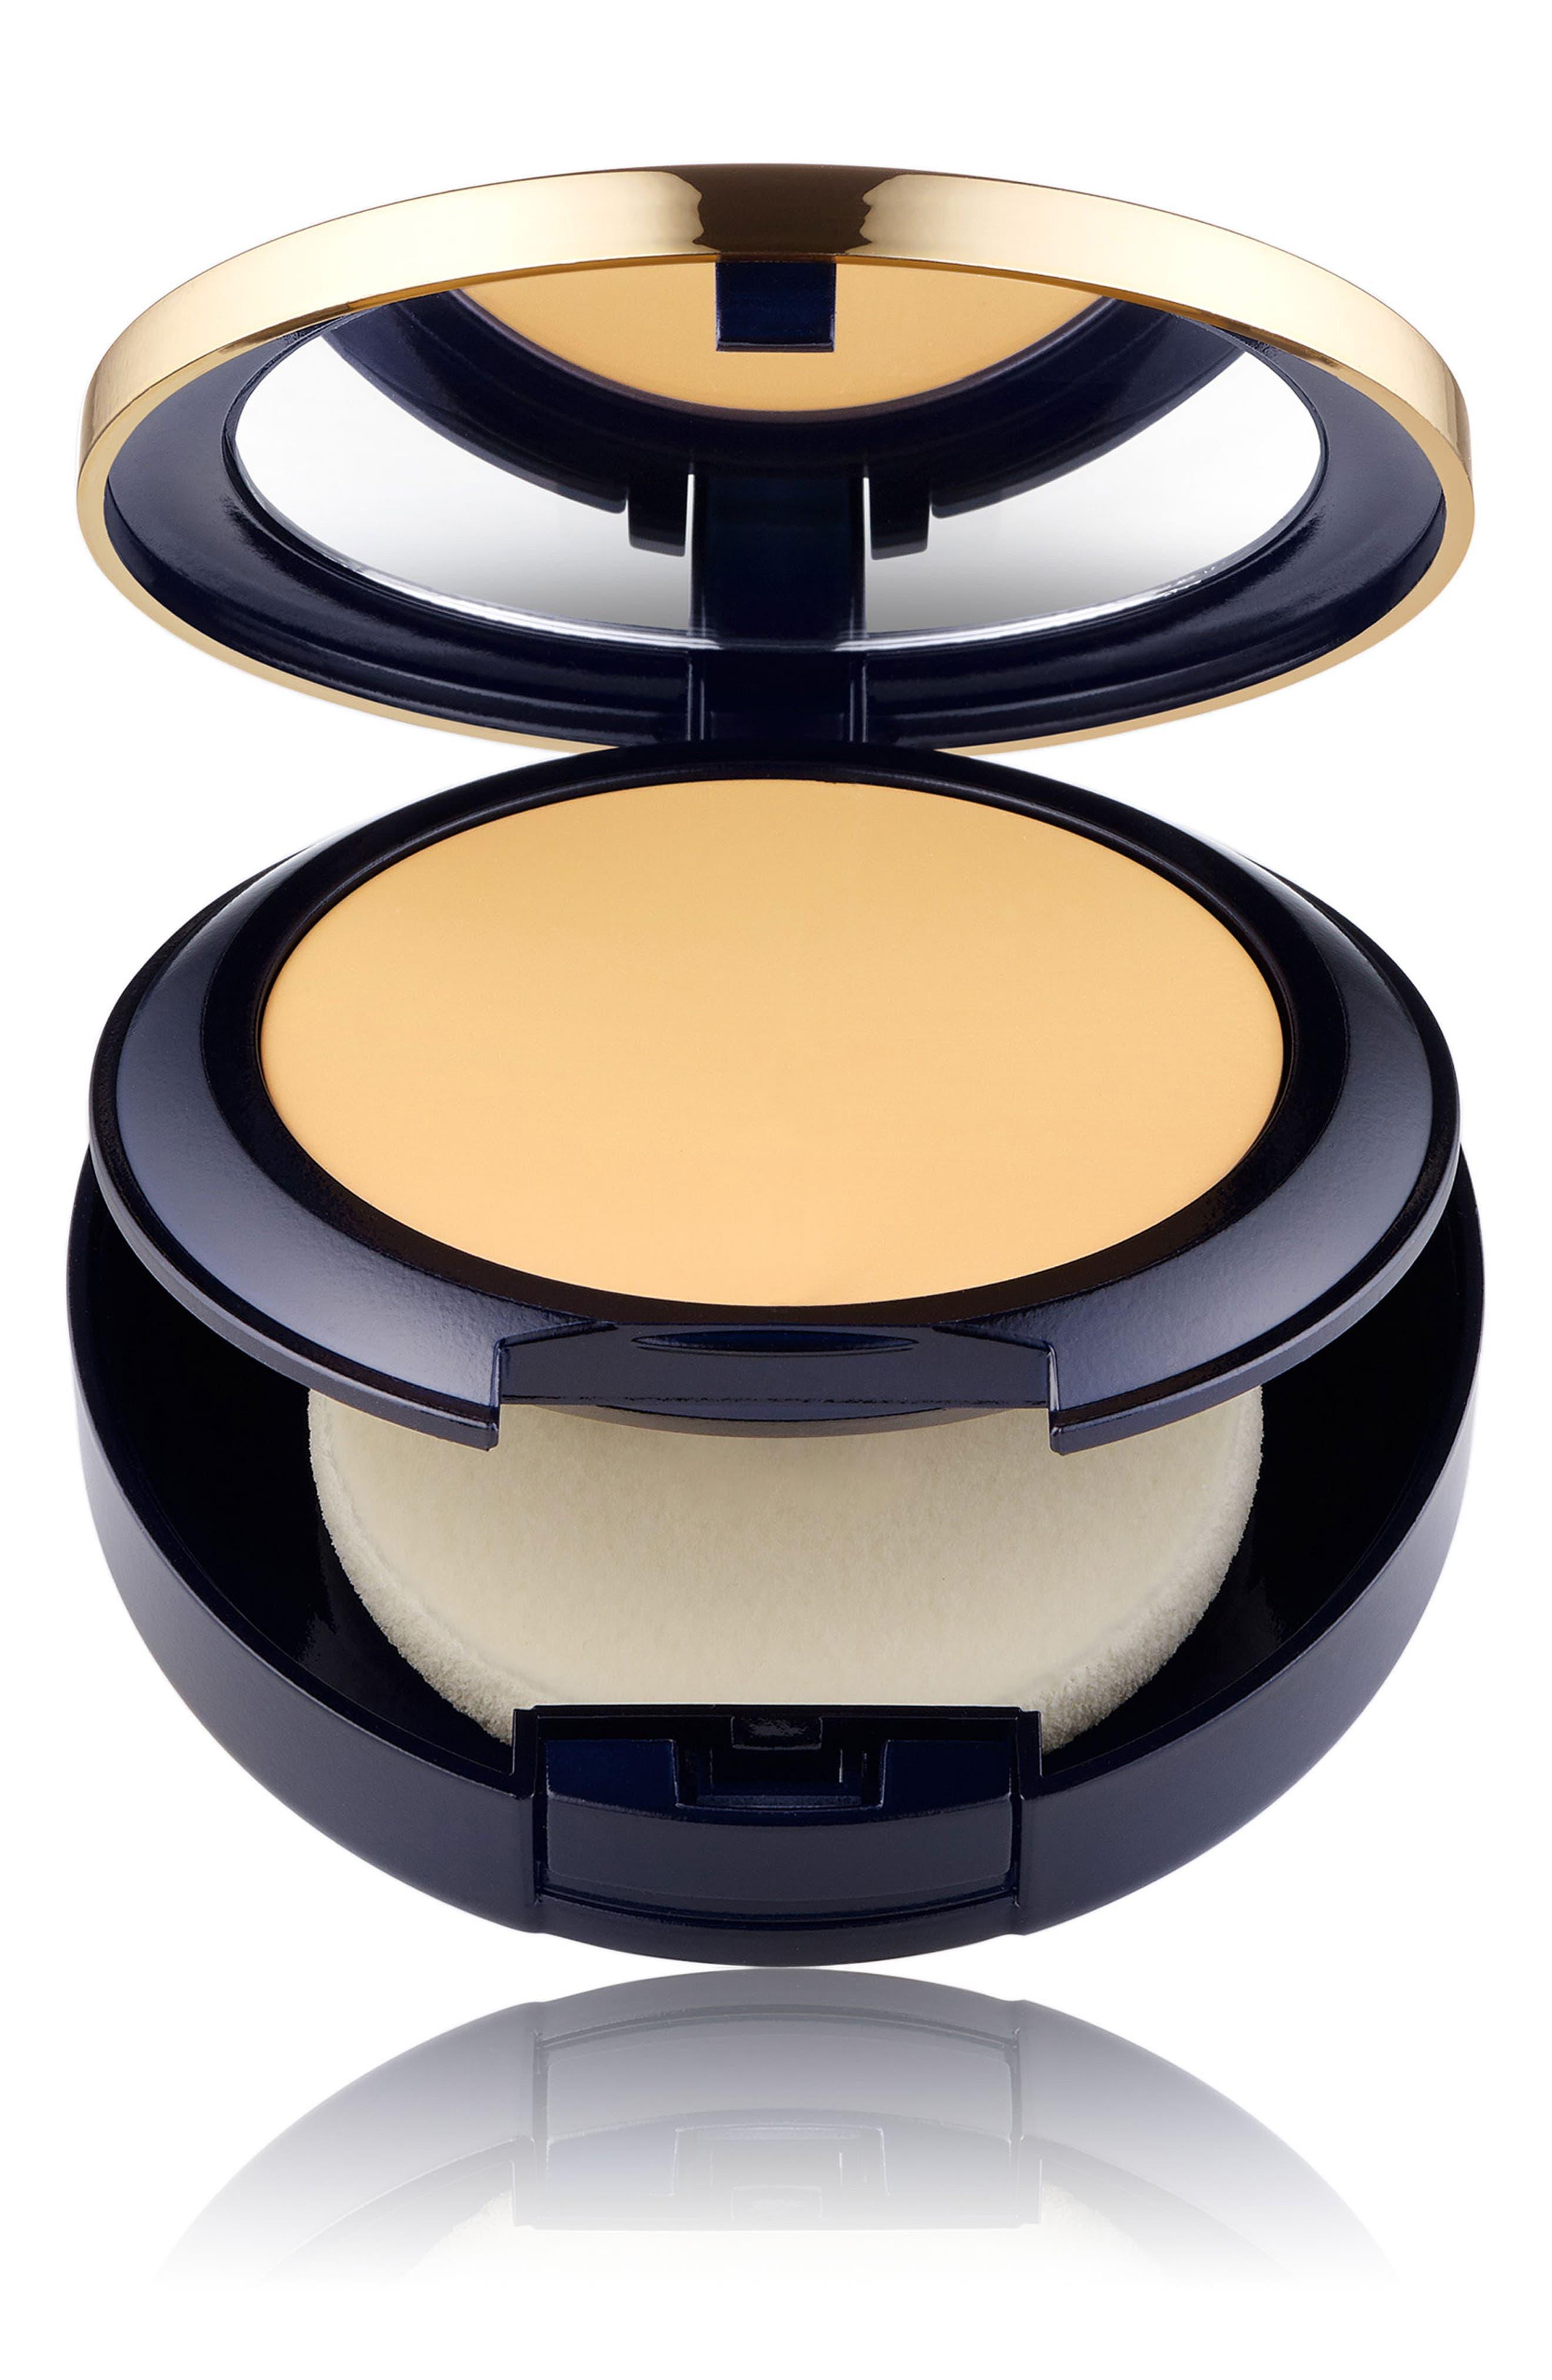 Estee Lauder Double Wear Stay In Place Matte Powder Foundation - 3W2 Cashew